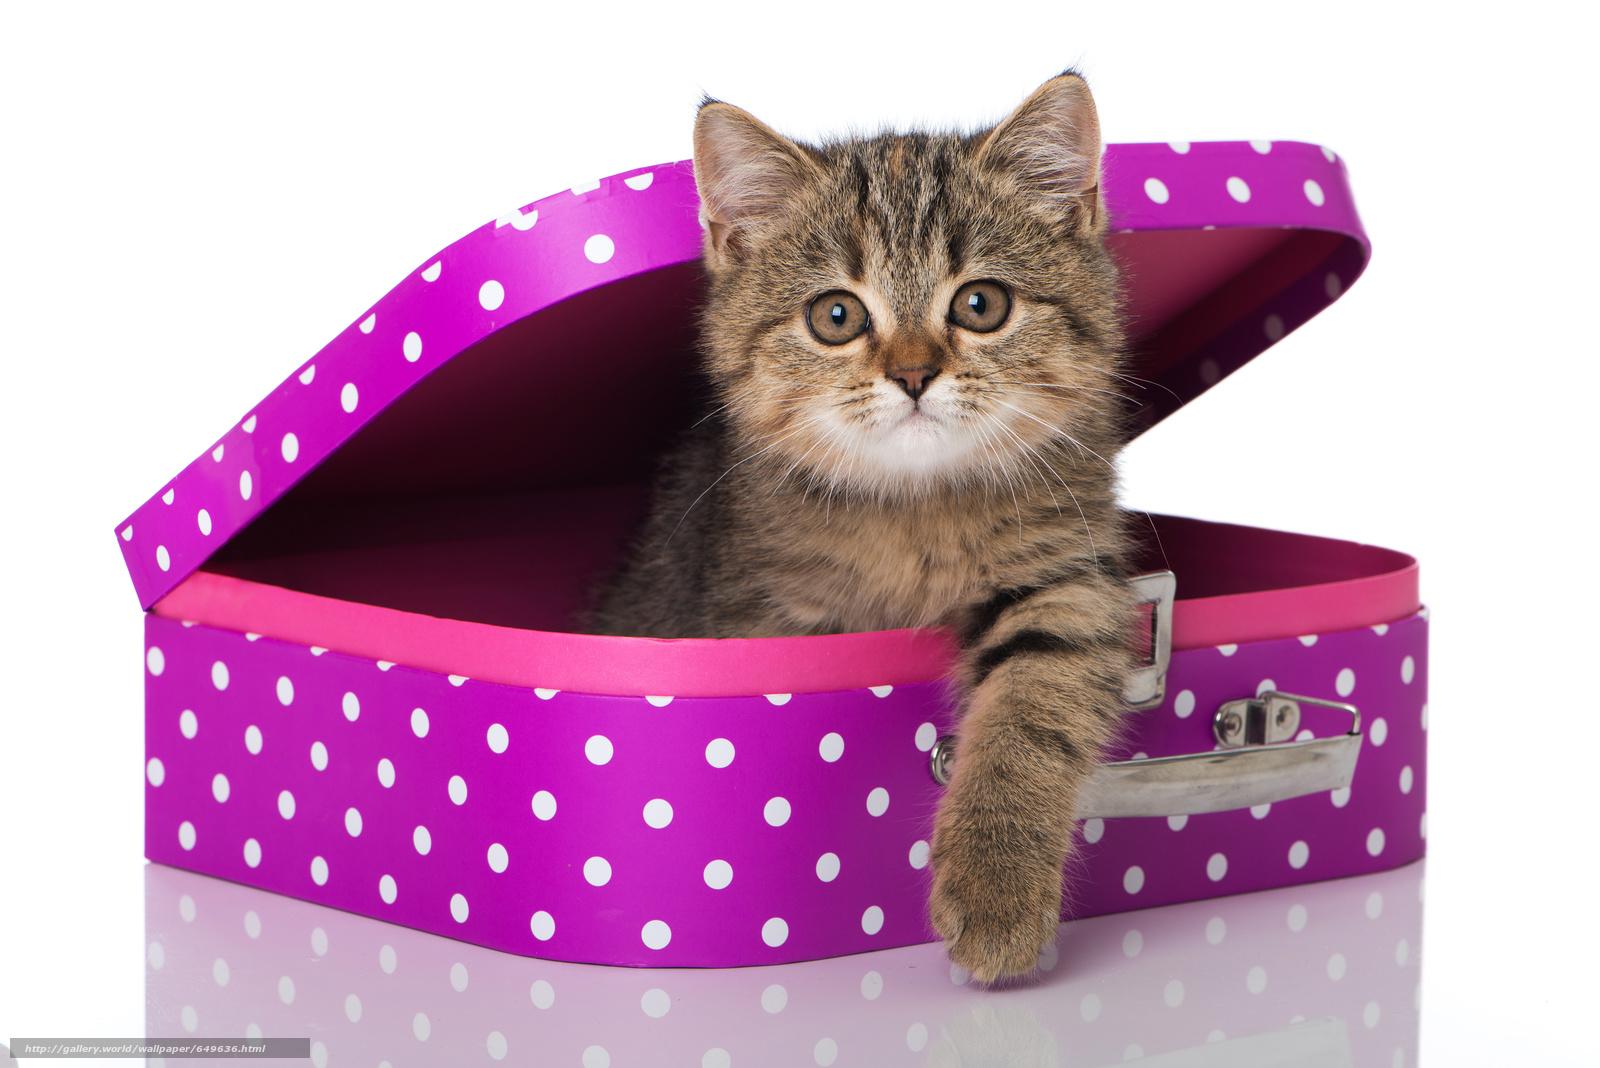 Скачать обои кошка,  котёнок,  взгляд,  чемодан бесплатно для рабочего стола в разрешении 6280x4191 — картинка №649636